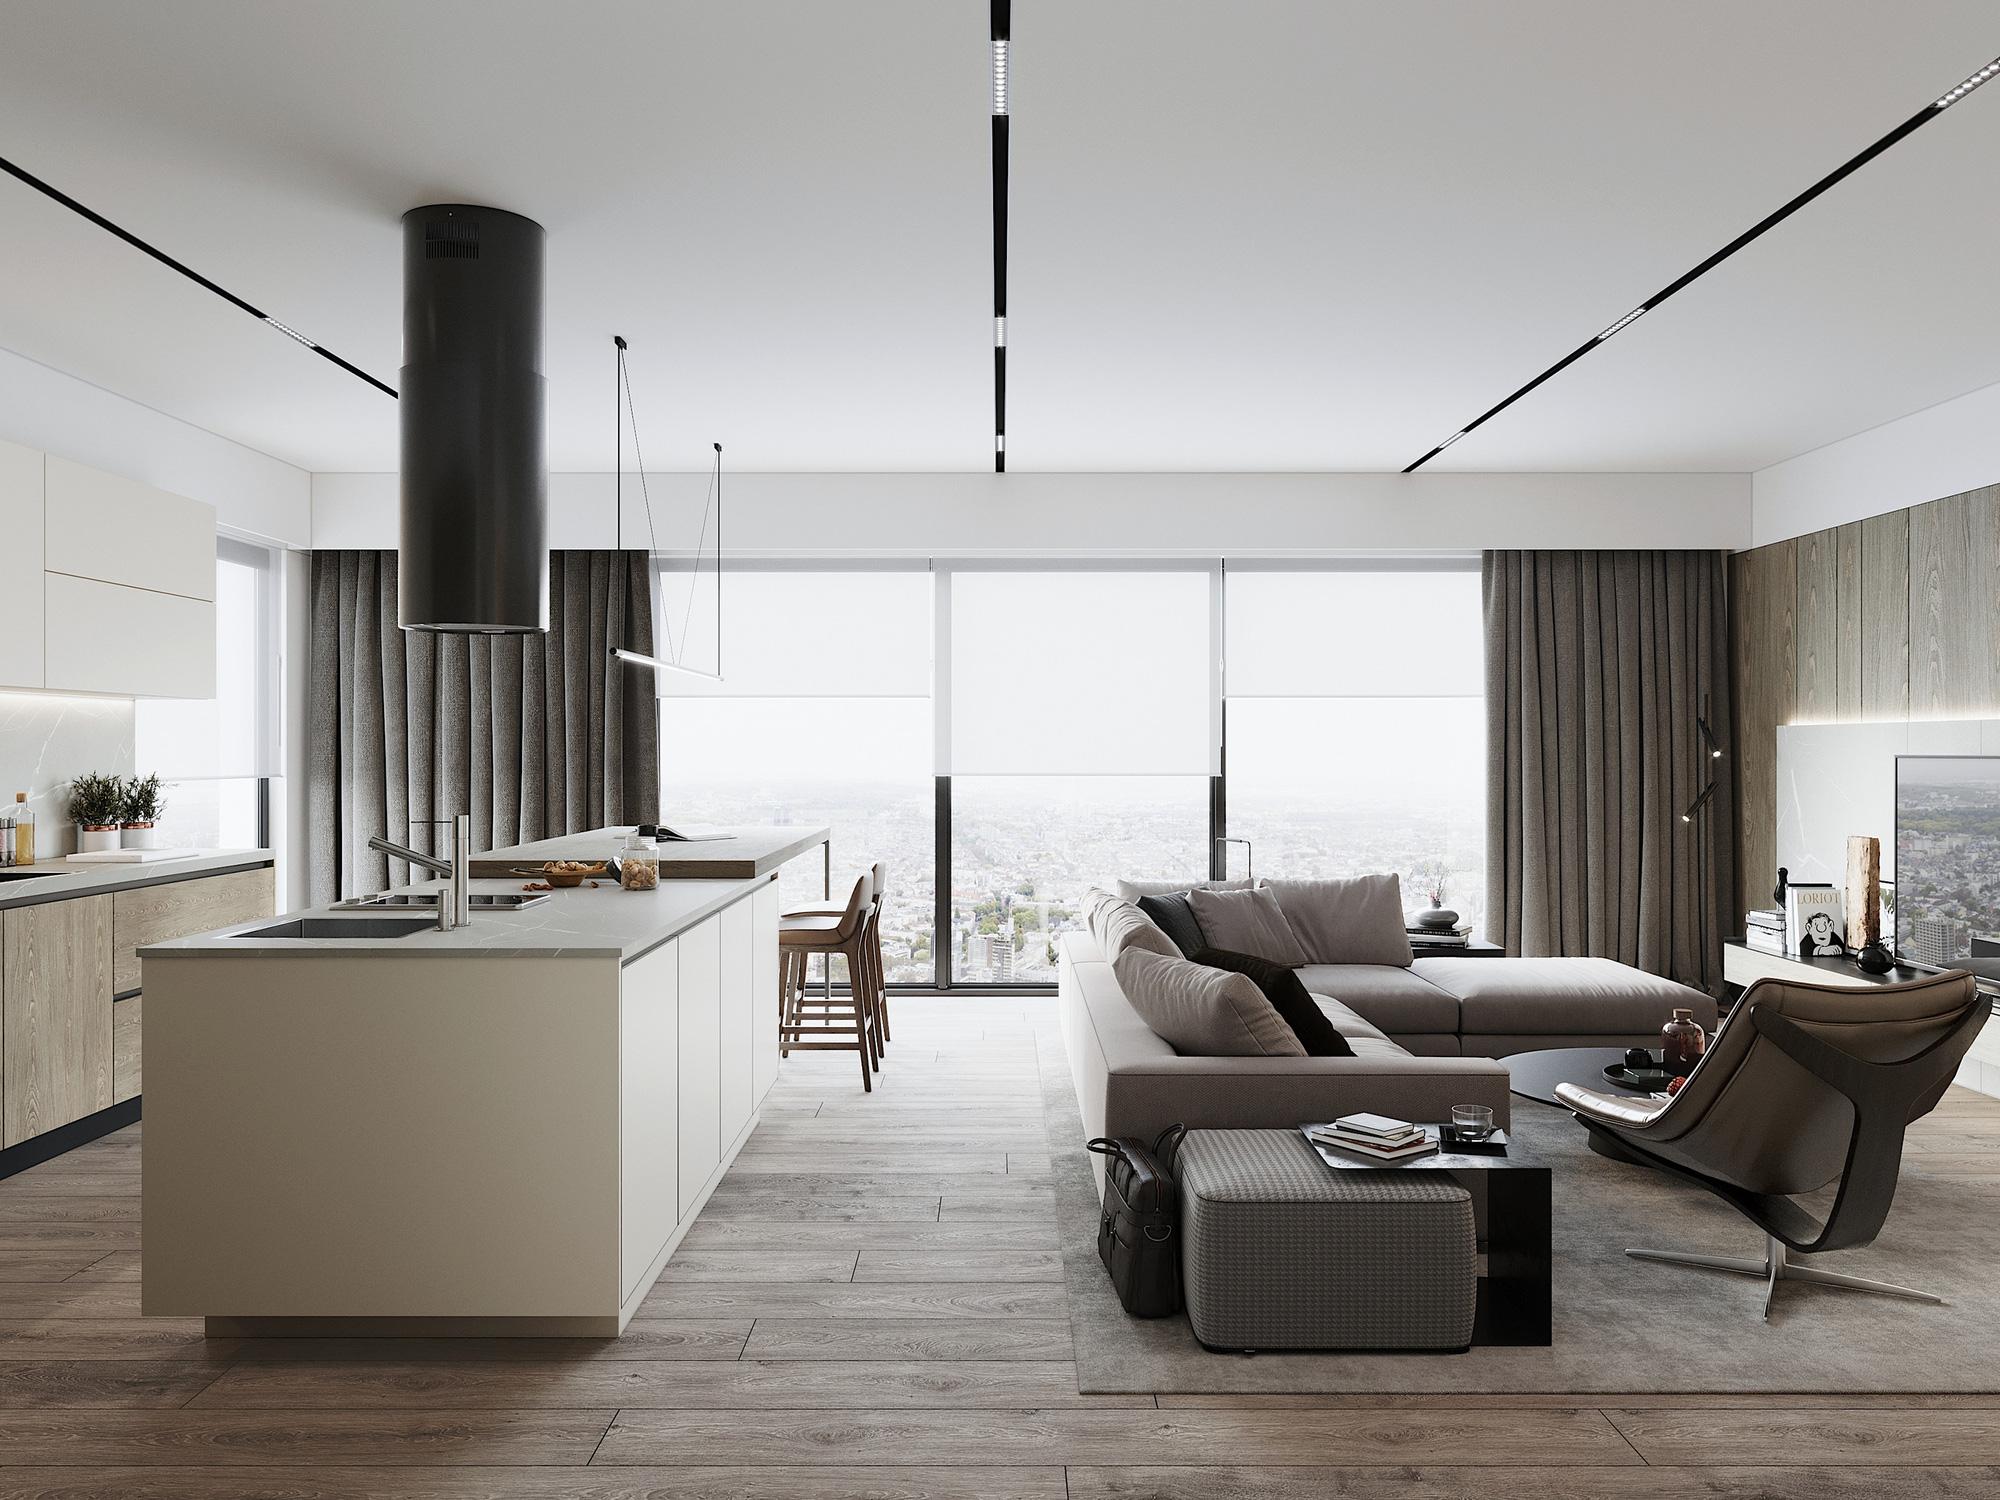 Kiến trúc sư tư vấn thiết kế căn hộ 76m² 2 phòng ngủ với chi phí tiết kiệm chỉ 189 triệu - Ảnh 6.